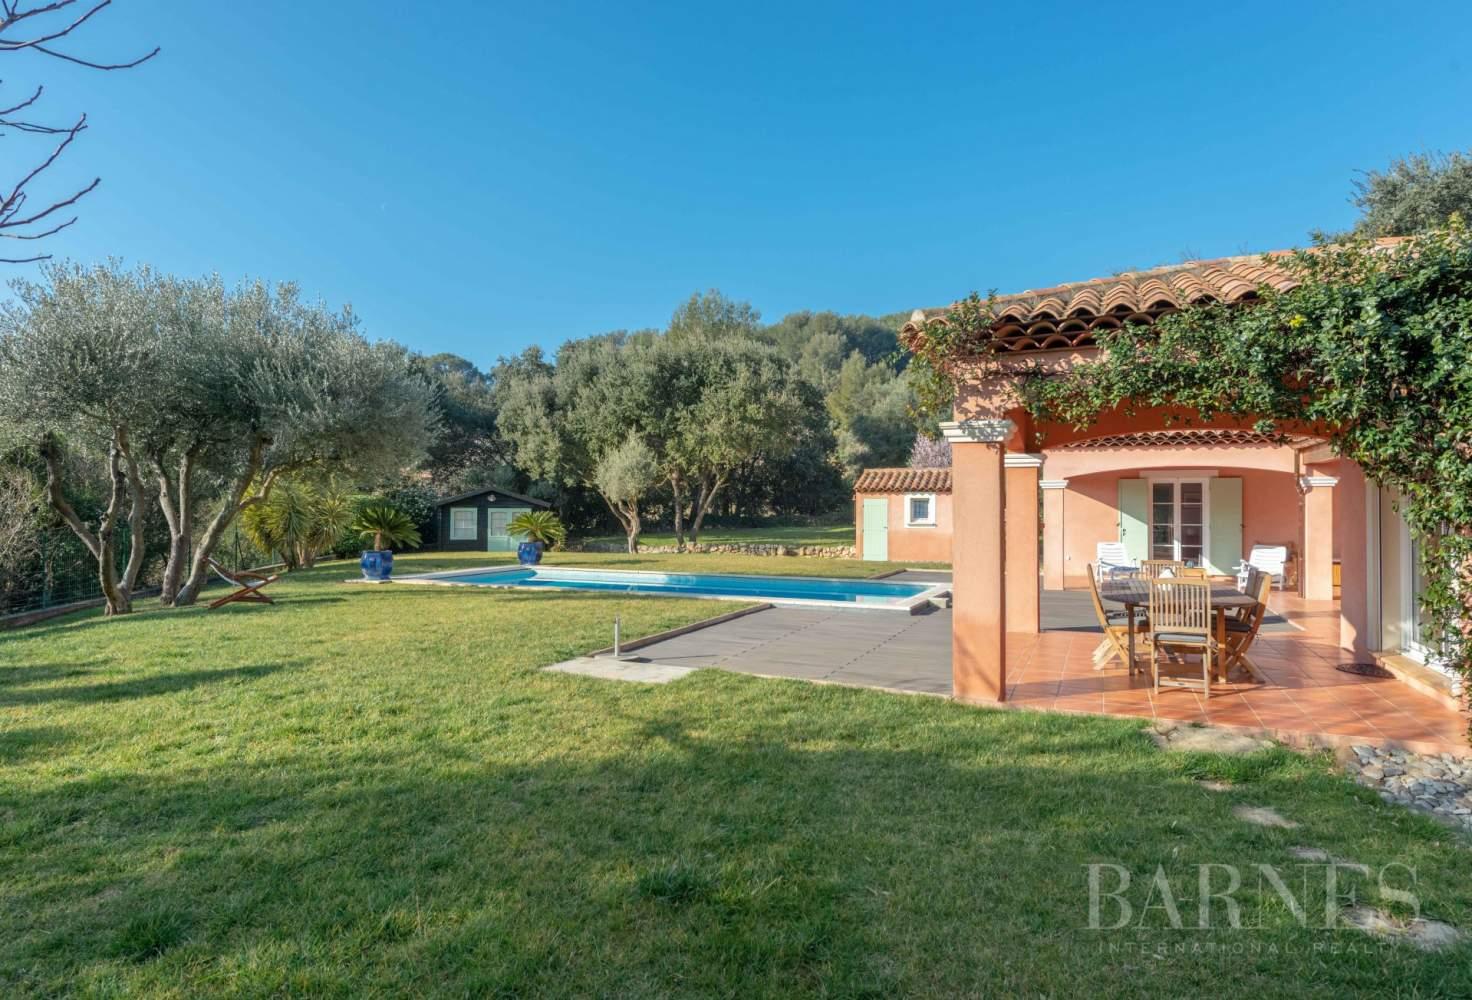 Sanary - Secteur du Lançon - villa 200m² - piscine - terrain 2197 m² picture 18